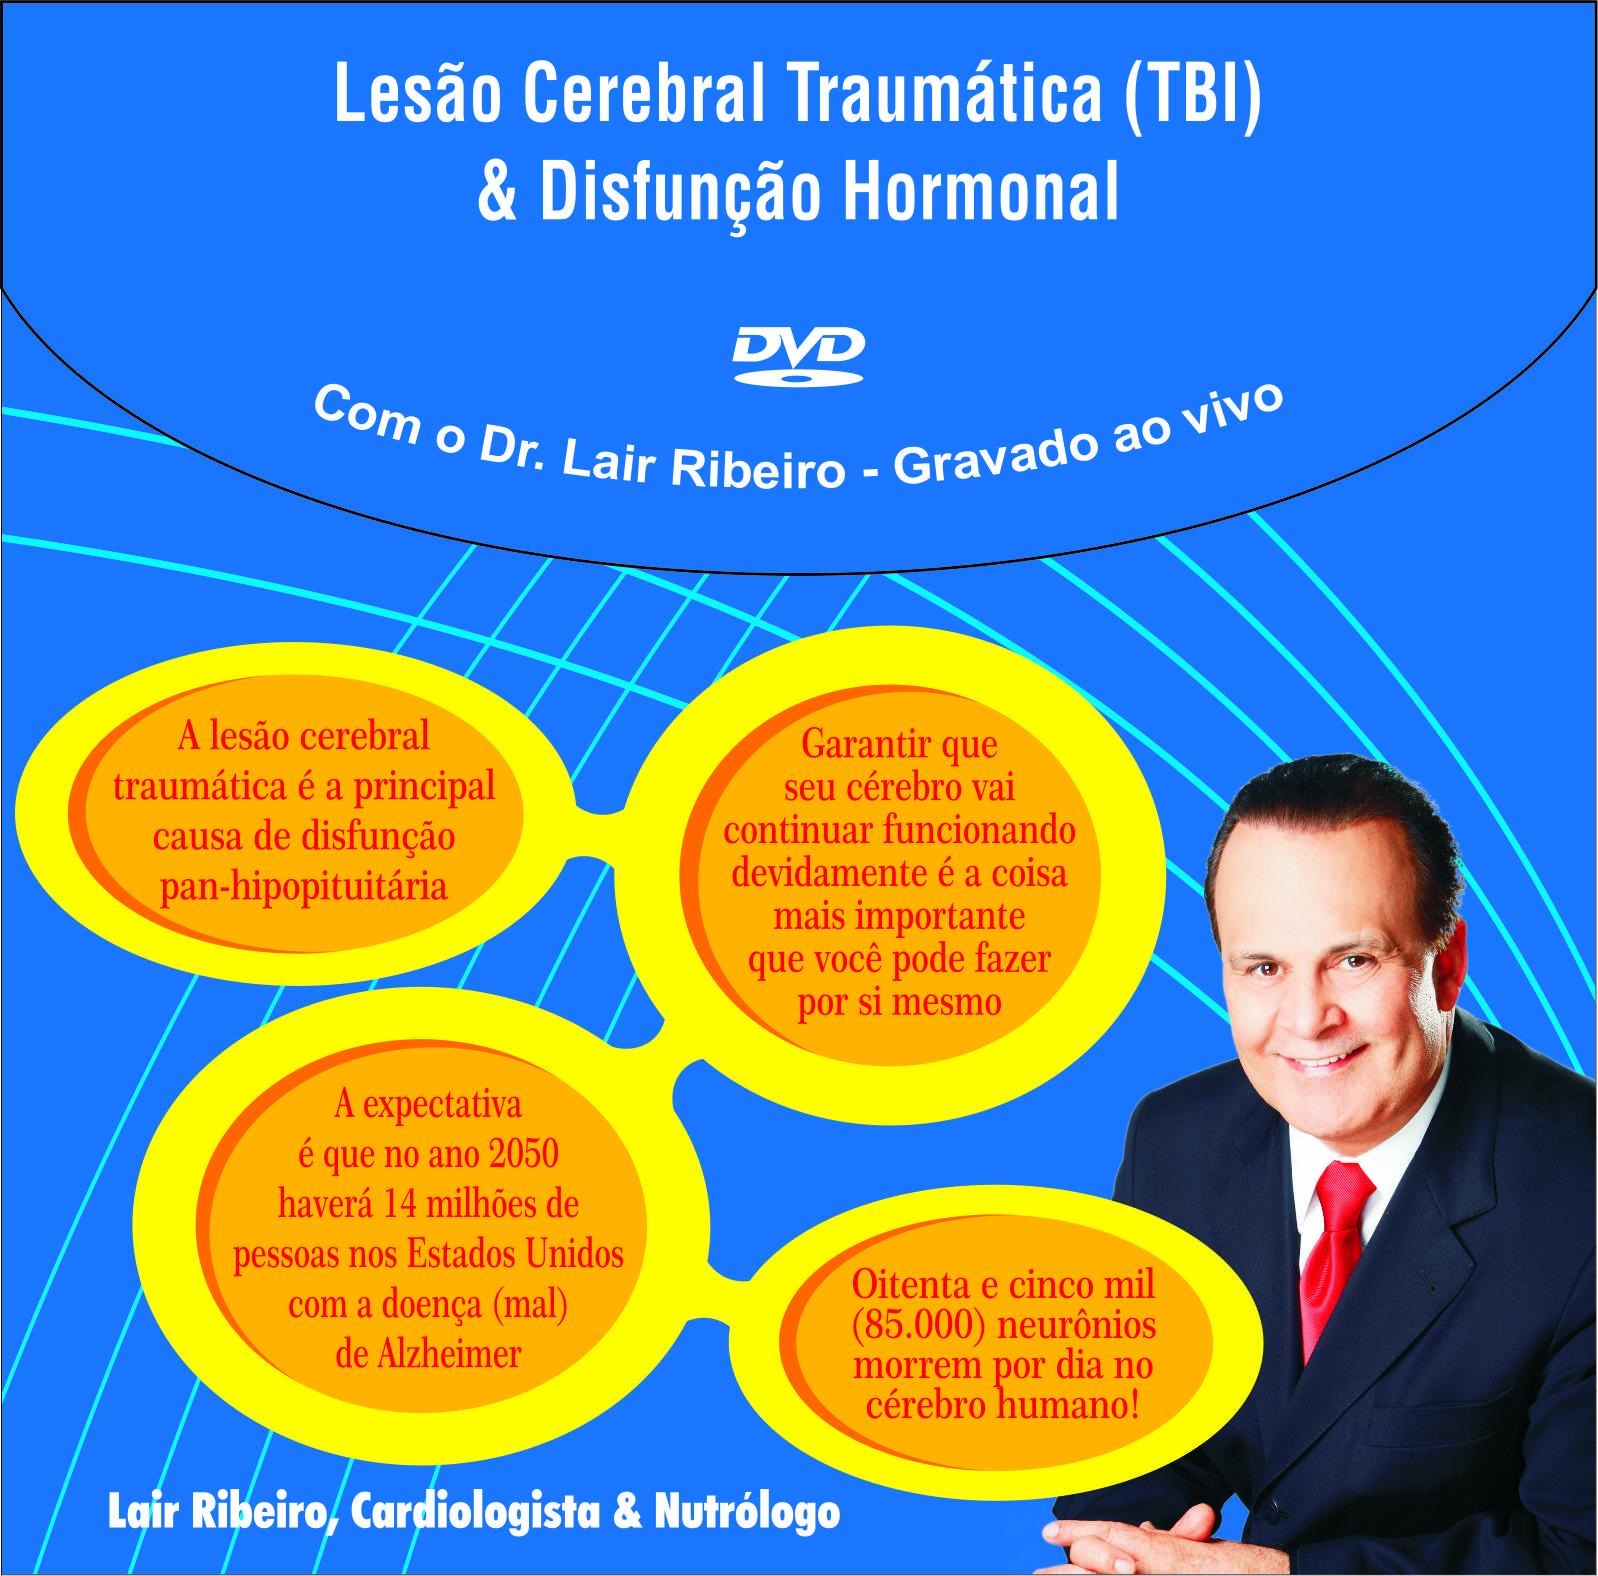 Lair Ribeiro Kit DVDs - Lesao Cerebral Traumática(TBI) & Disfunção Hormonal2